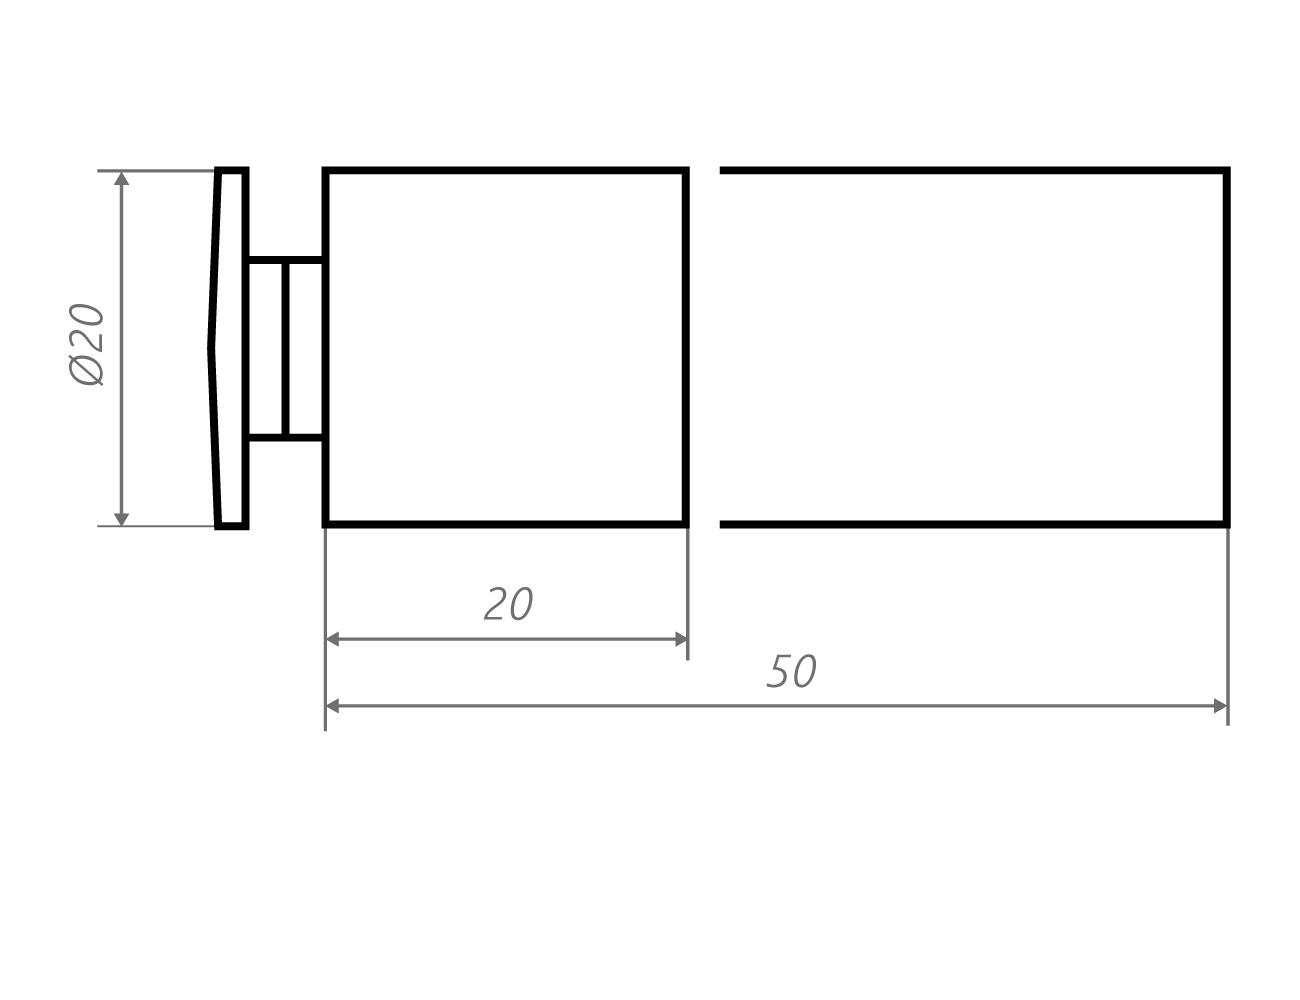 Zeichnung Wandhalter li20.20, li20.50